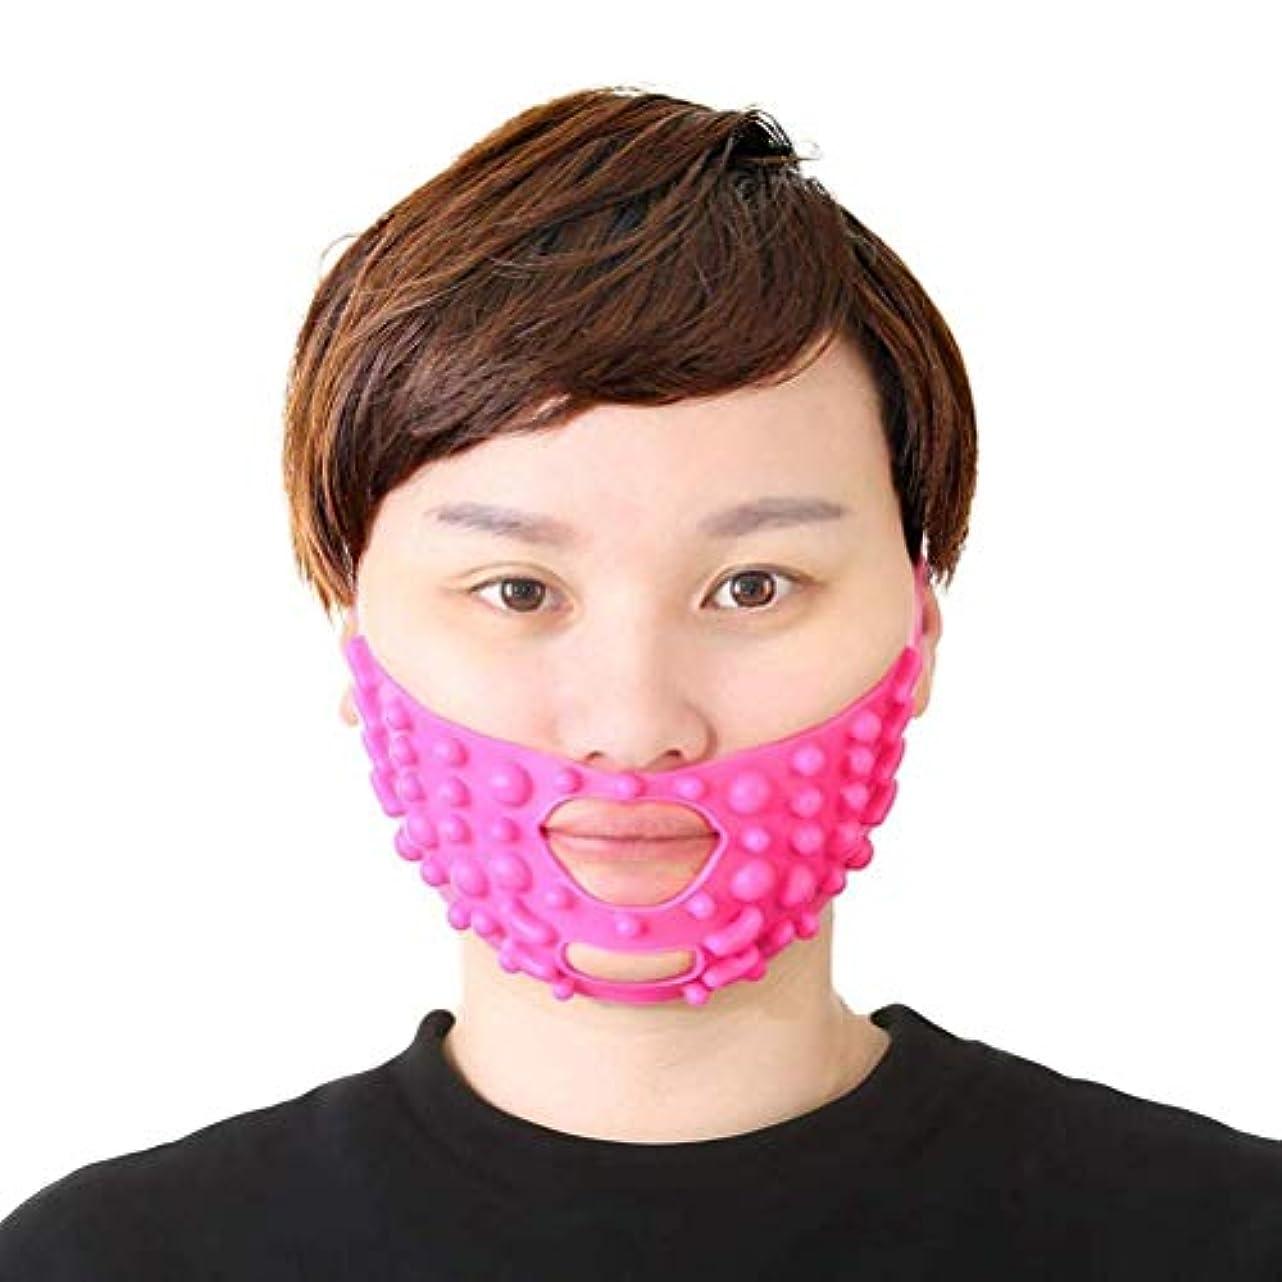 優れた破産派手二重あごベルト、薄いフェイスマスク包帯、頬スリムVフェイスベルト、痩身包帯通気性ストレッチ